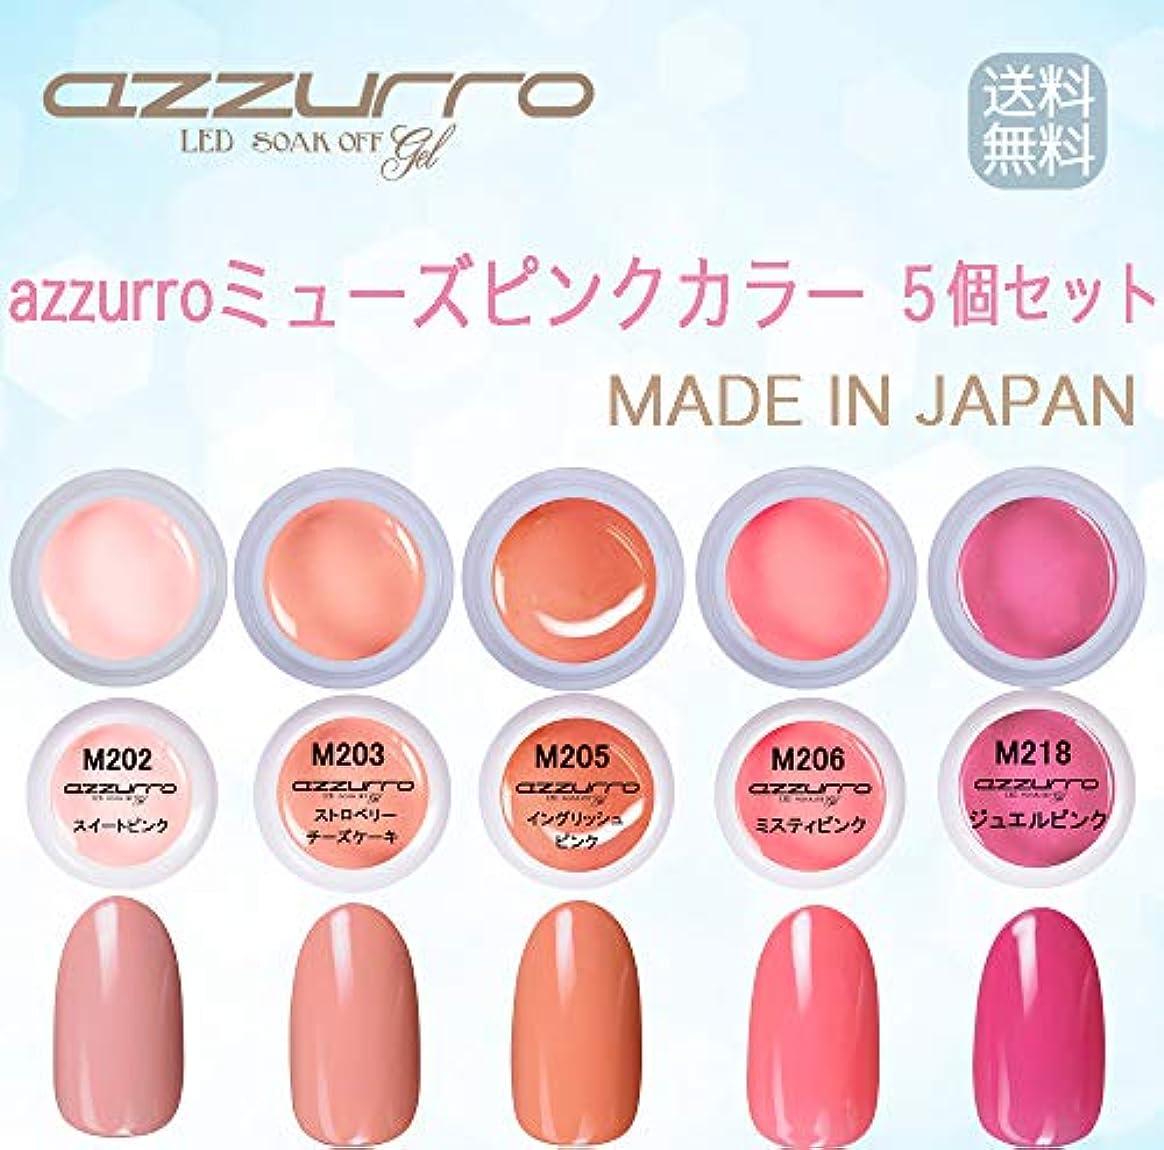 準備数値すばらしいです【送料無料】日本製 azzurro gel ミューズピンクカラージェル5個セット 春色にもかかせないマットコートとスモーキーパステルカラー